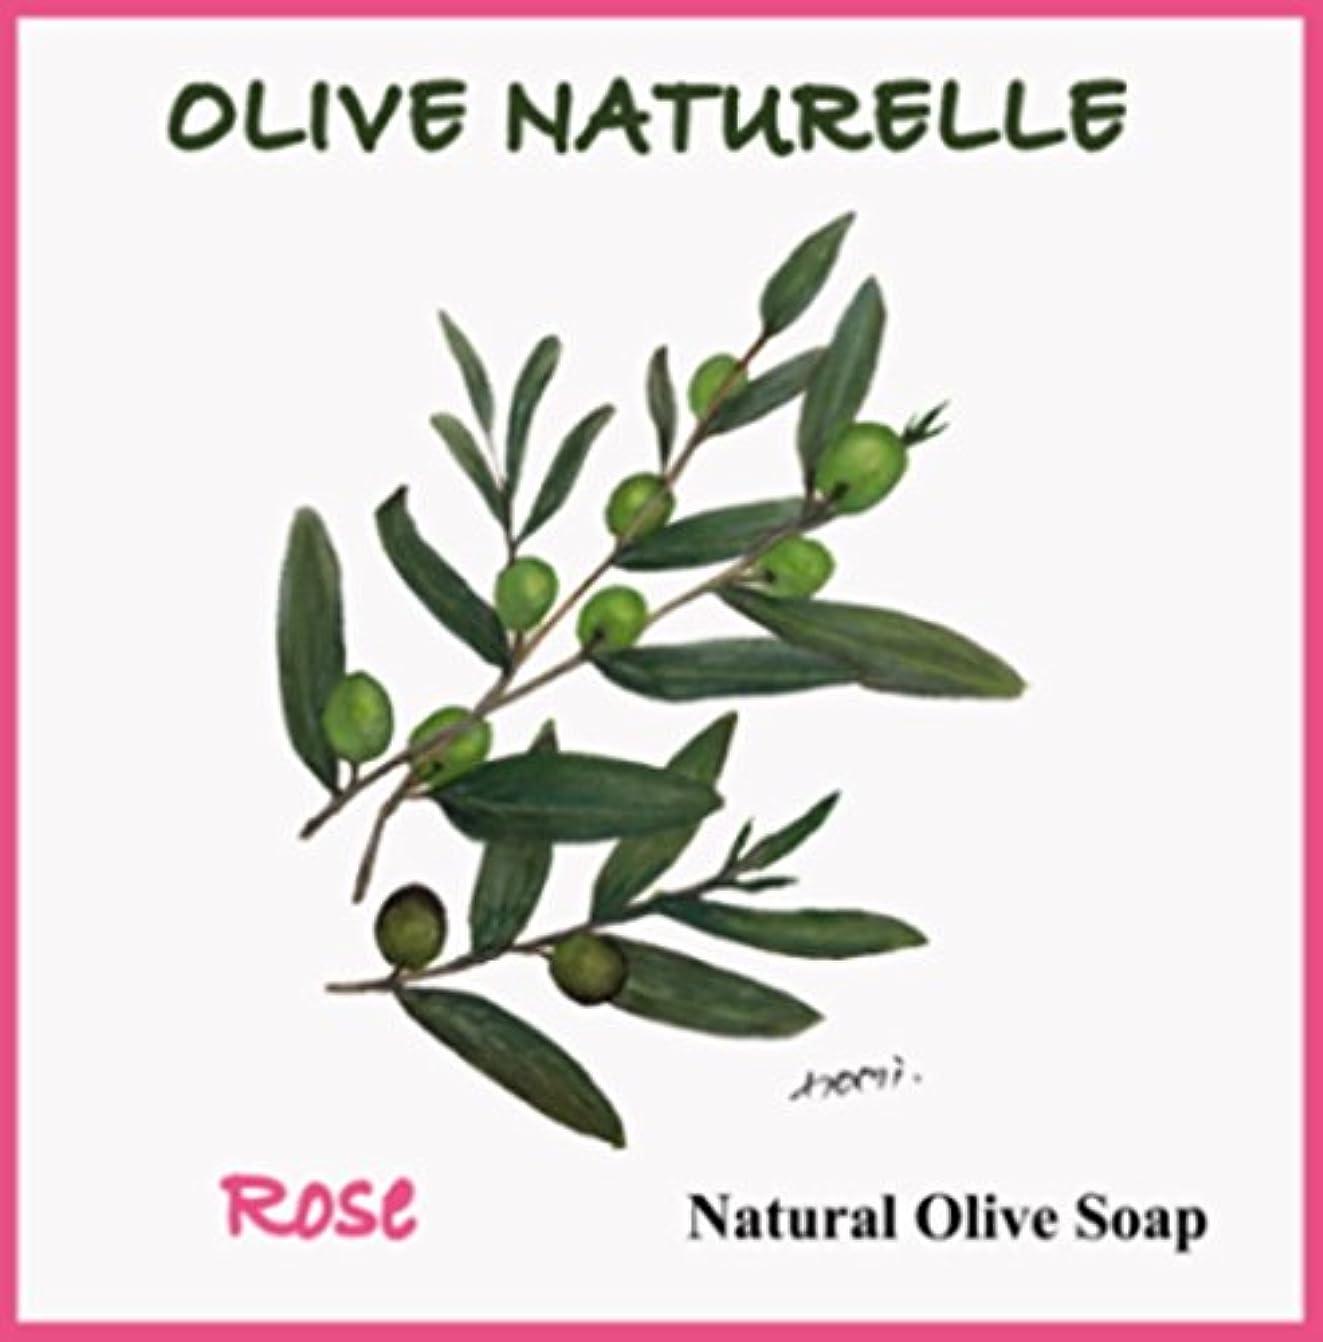 アーネストシャクルトンコンサルタントかなりOlive Naturelle Rose Soap Bar